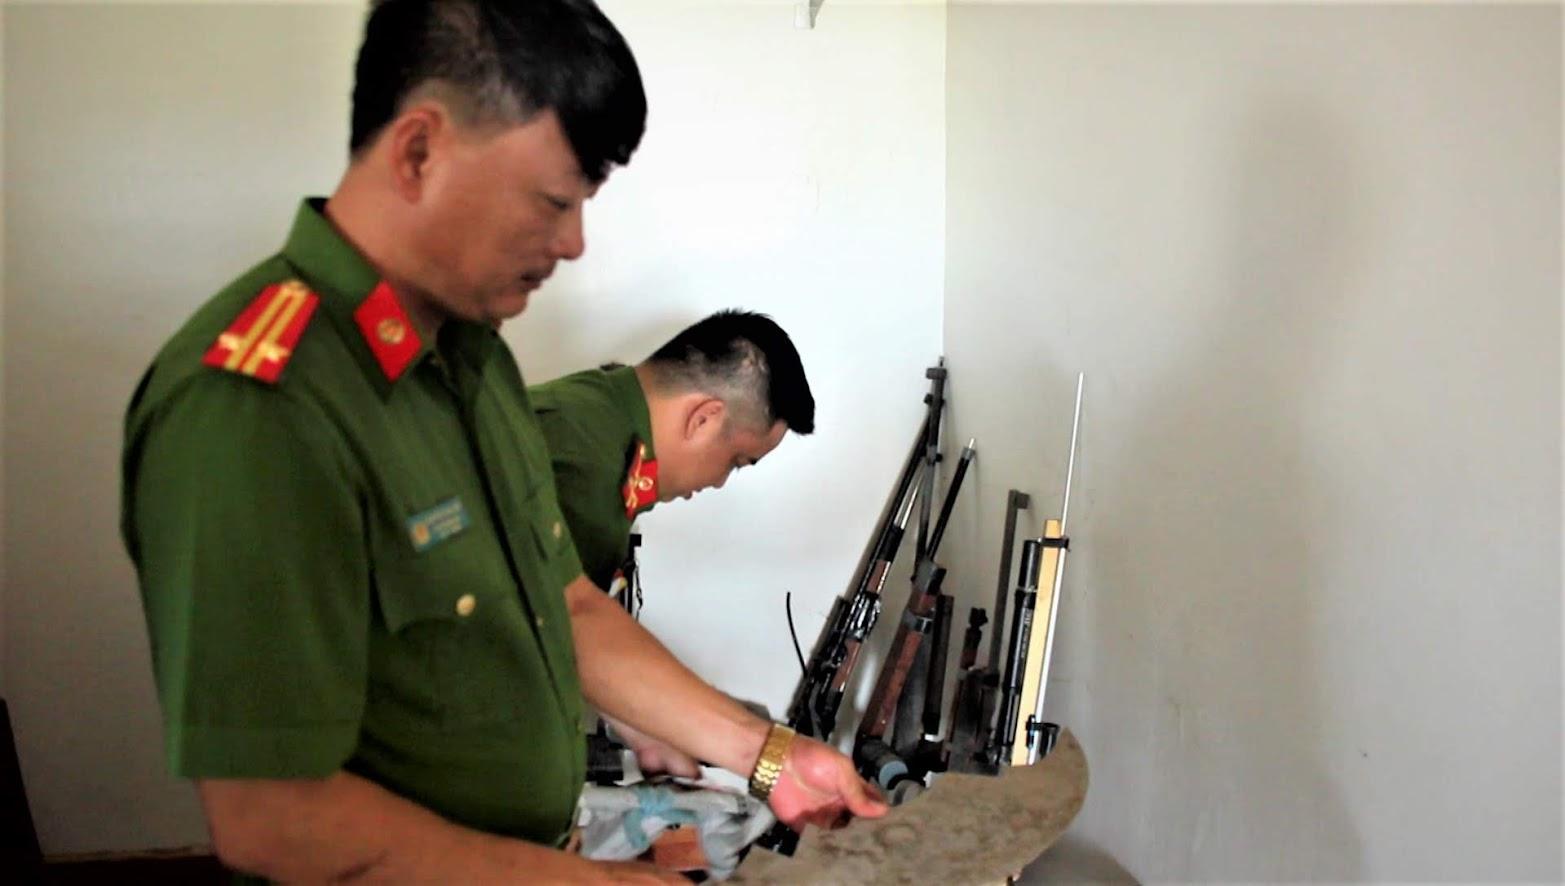 Đồn Công an Diễn Hải (Diễn Châu) làm tốt công tác vận động quần chúng thu hồi vũ khí vật liệu nổ